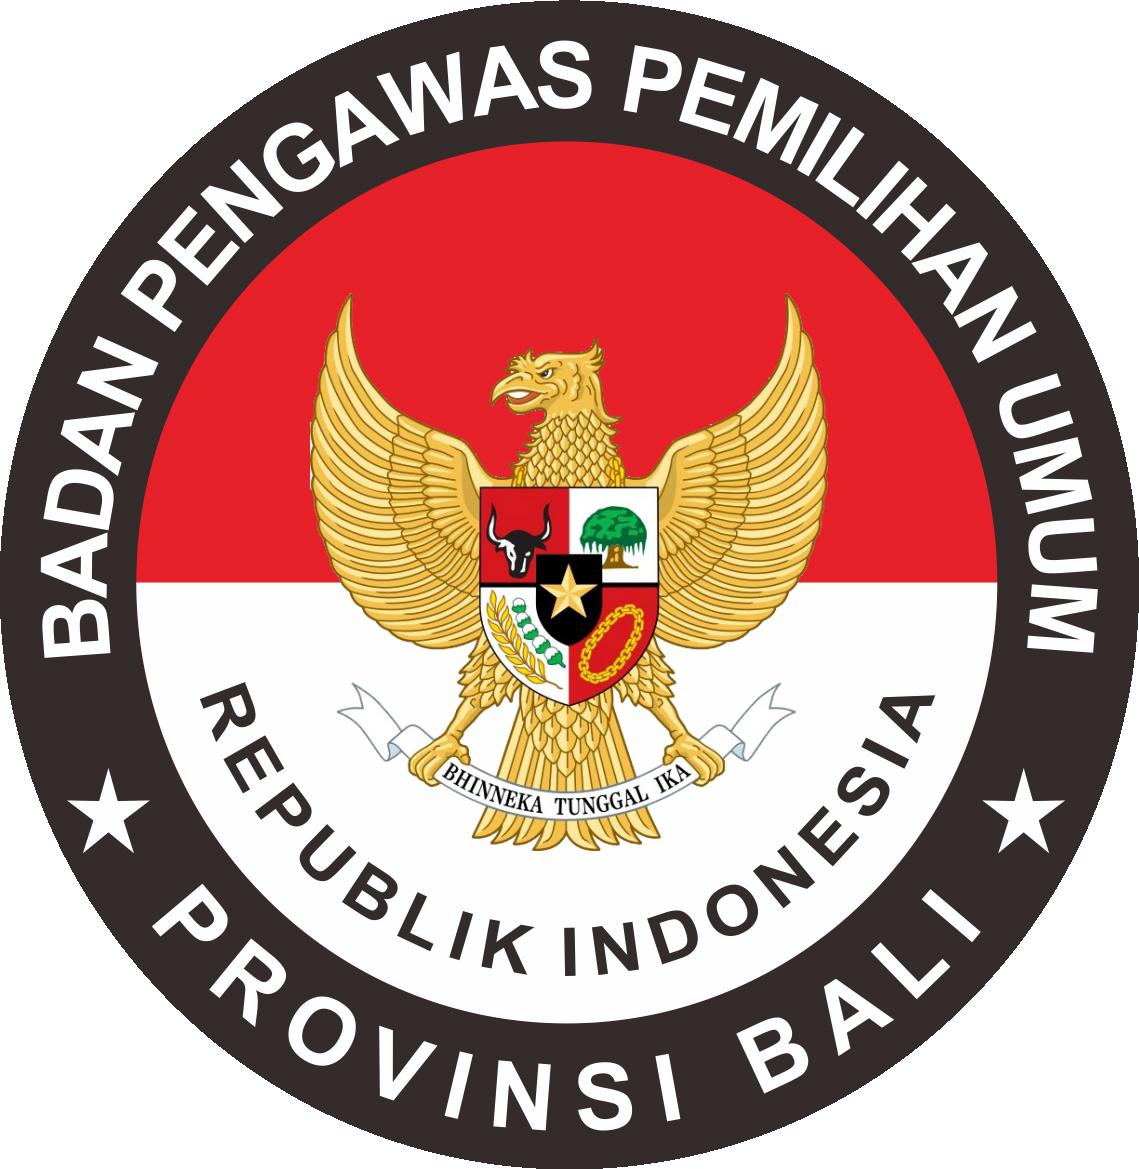 Kemelut Permasalahan Alat Peraga Kampanye Di Kabupaten Karangasem Bawaslu Bali Laksanakan Rapat Dengan Mitra Kerja Stake Holder Situs Bawaslu Bali